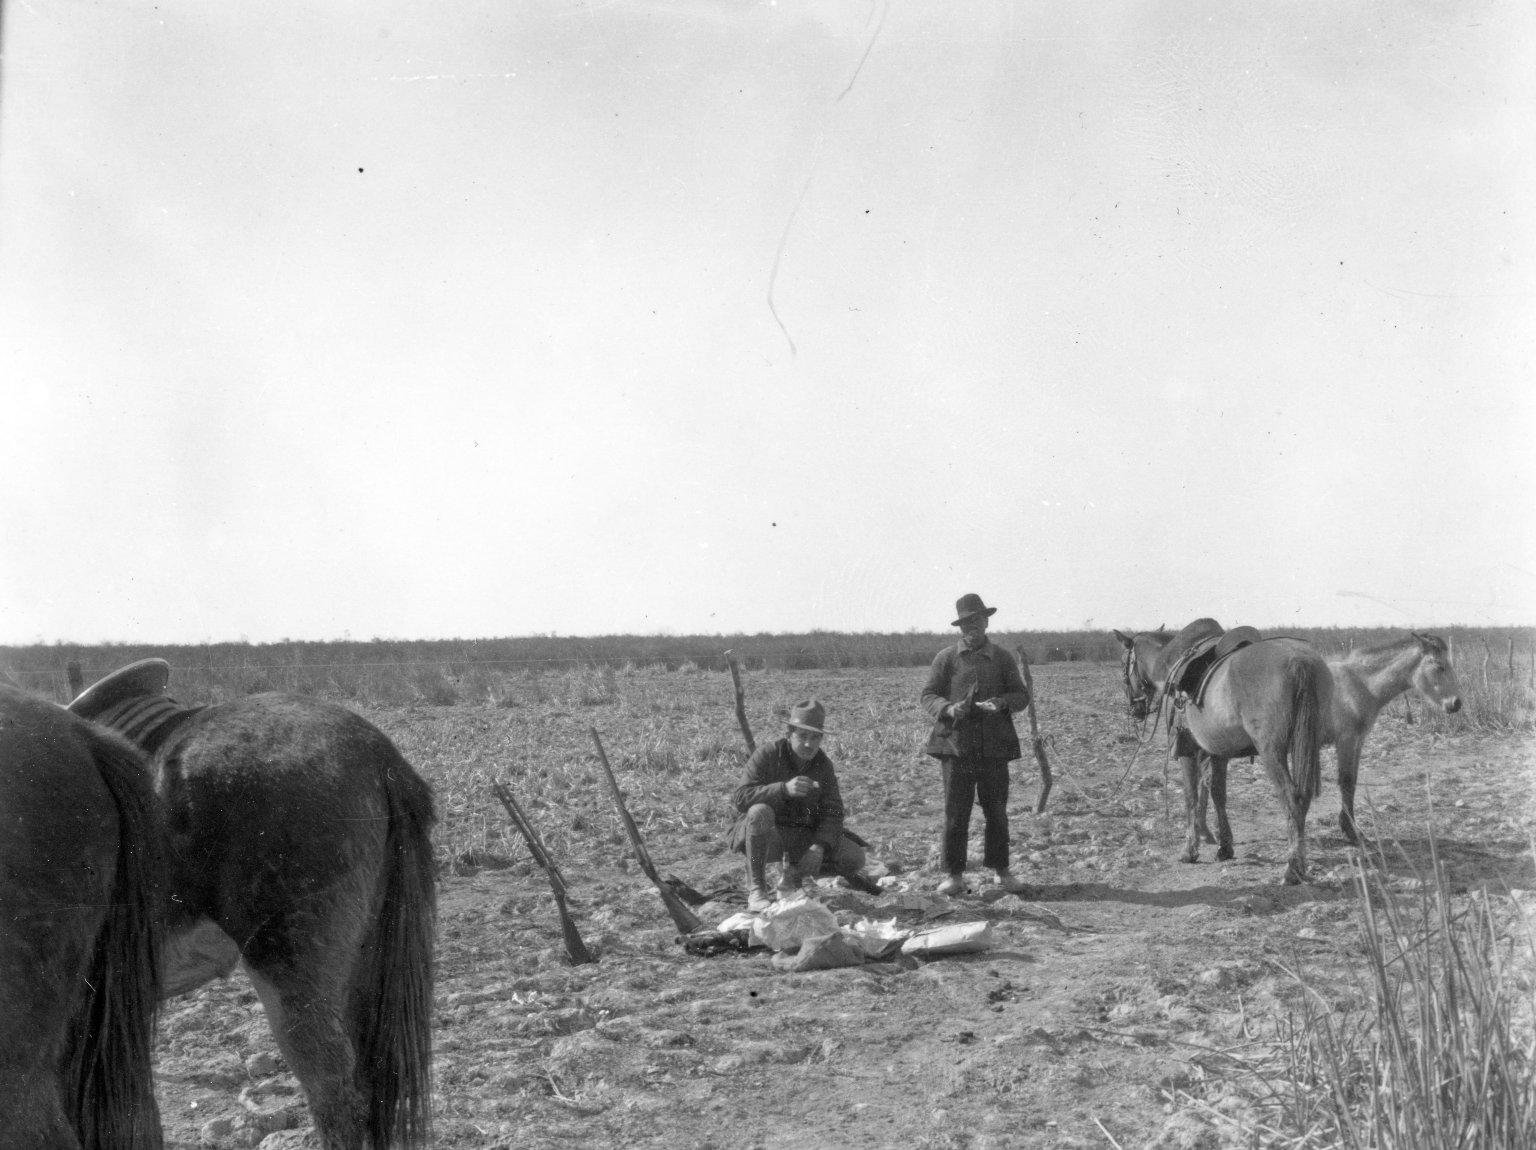 Frederick G. Brandenburg with rhea specimen